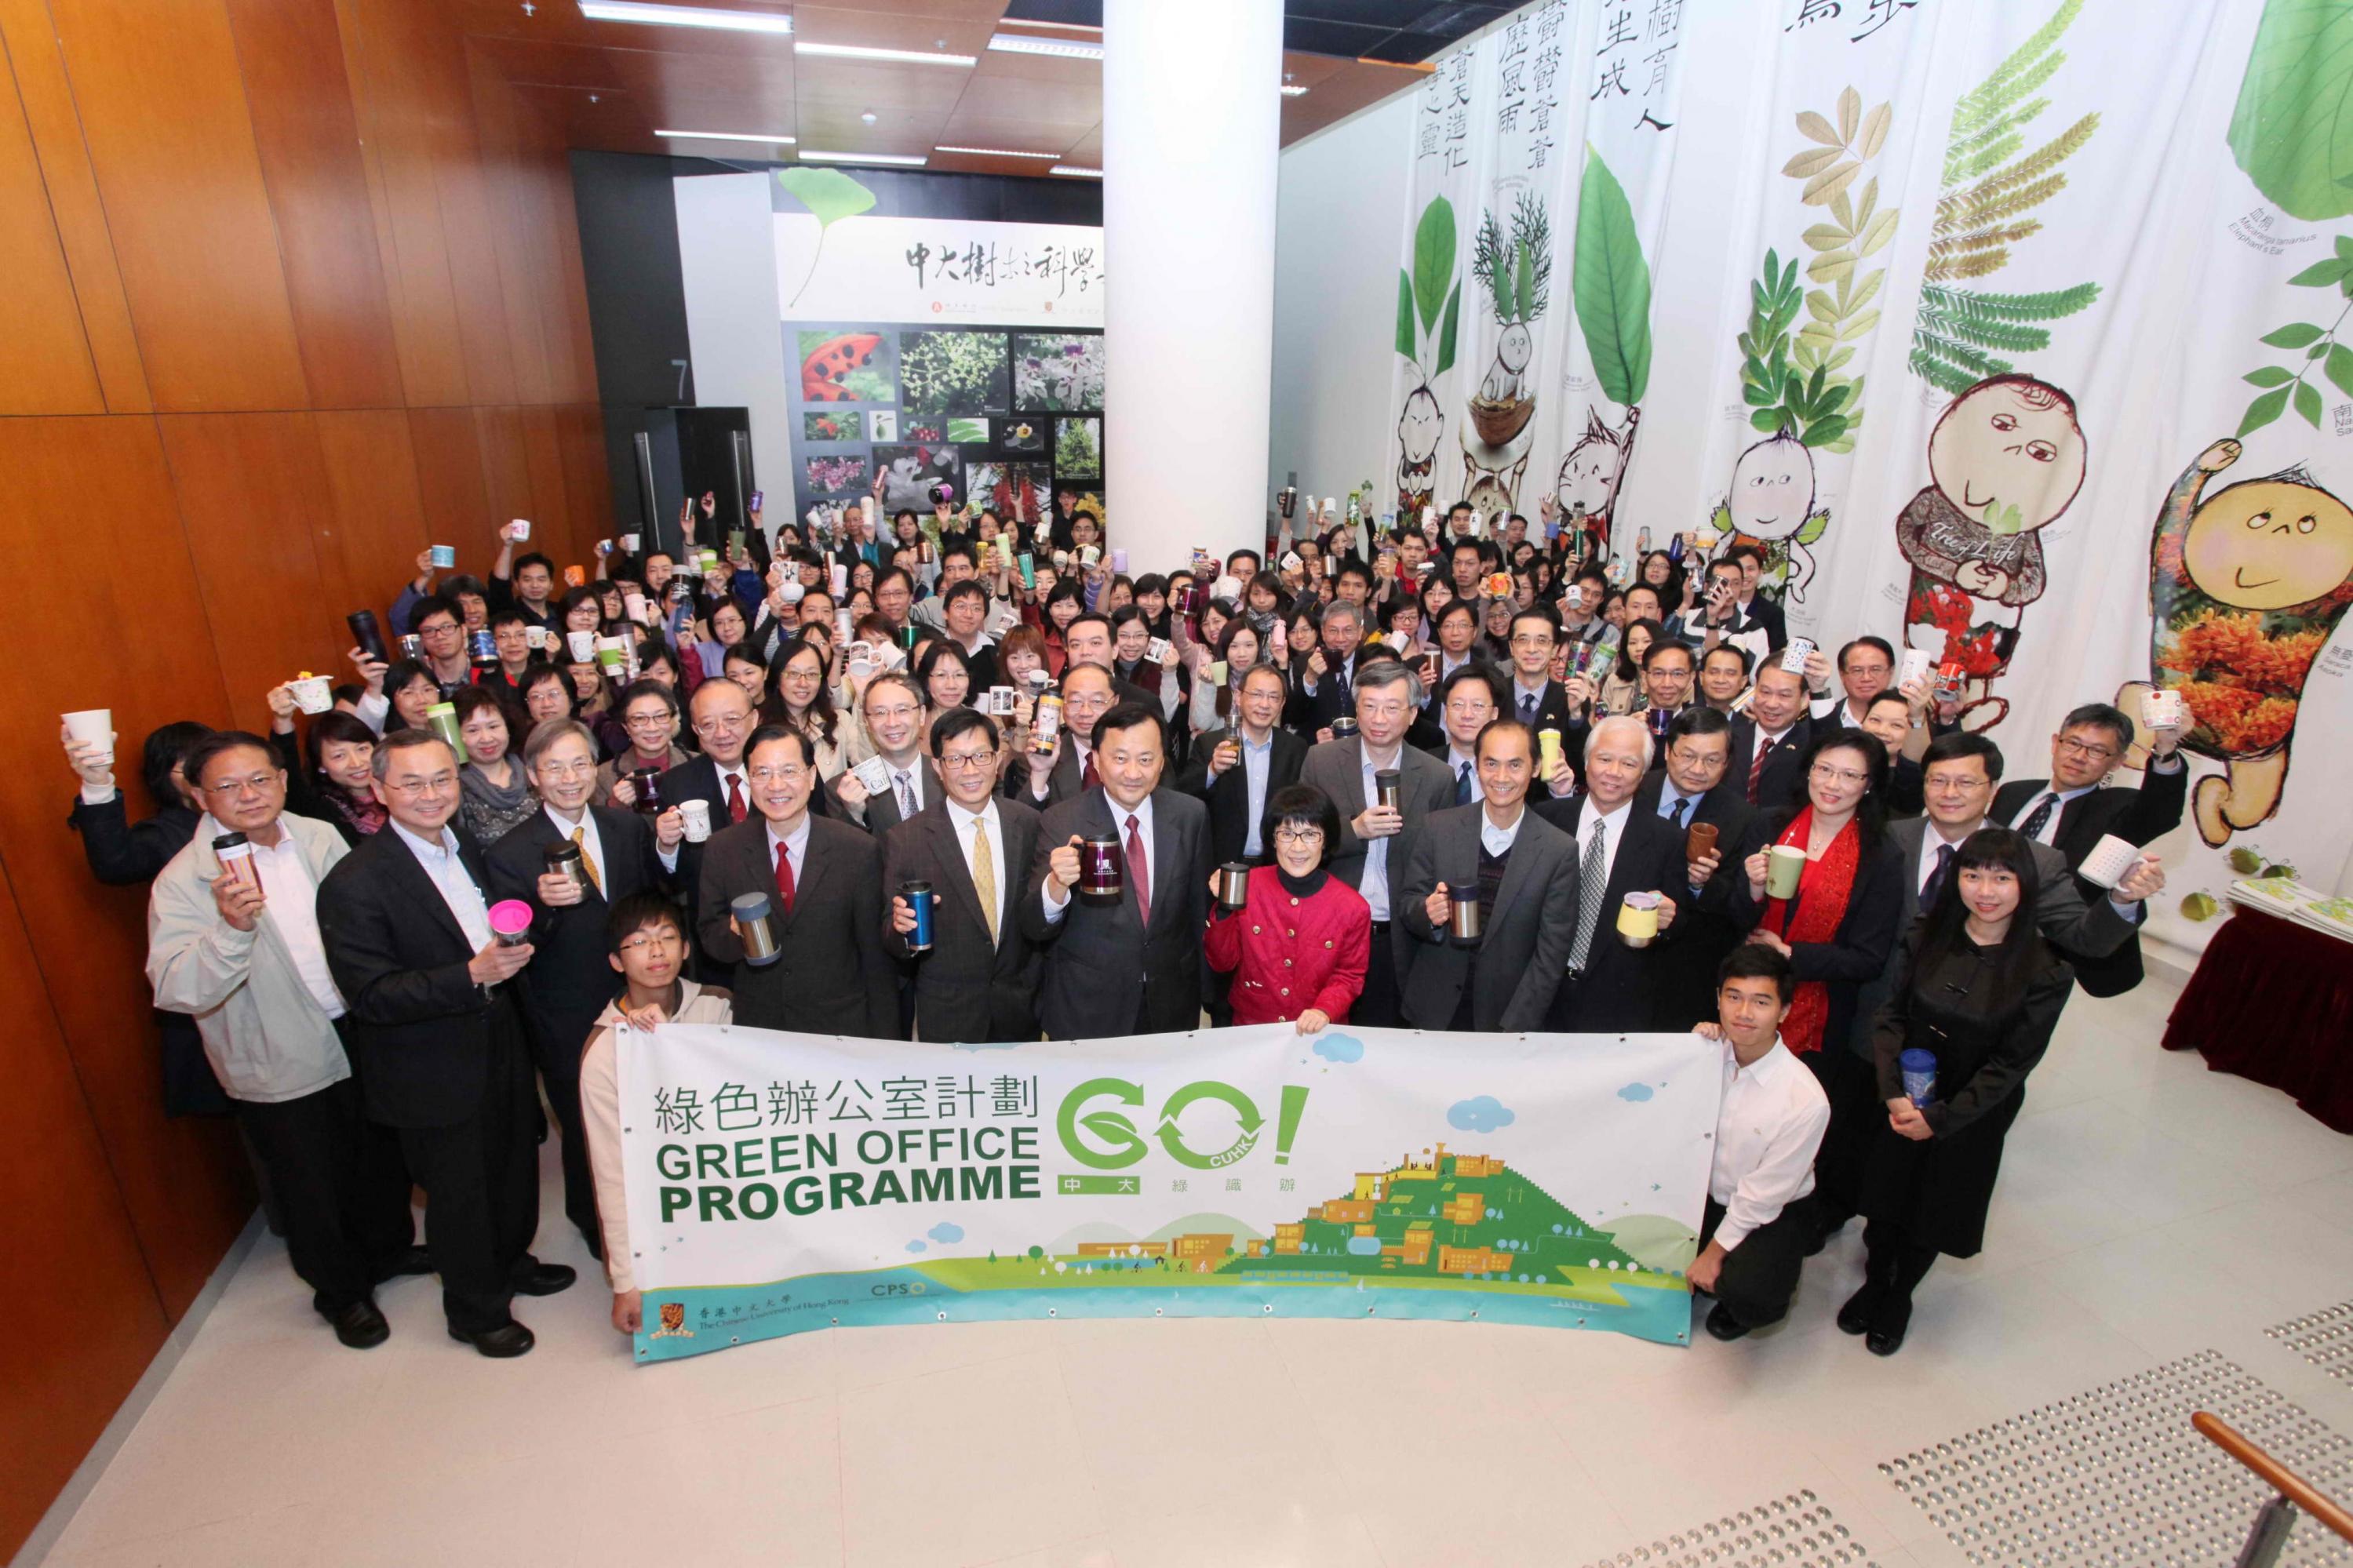 中大常務副校長華雲生教授(前排中間持紅杯者)與各中大同仁舉起自備杯子支持「綠色辦公室計劃」